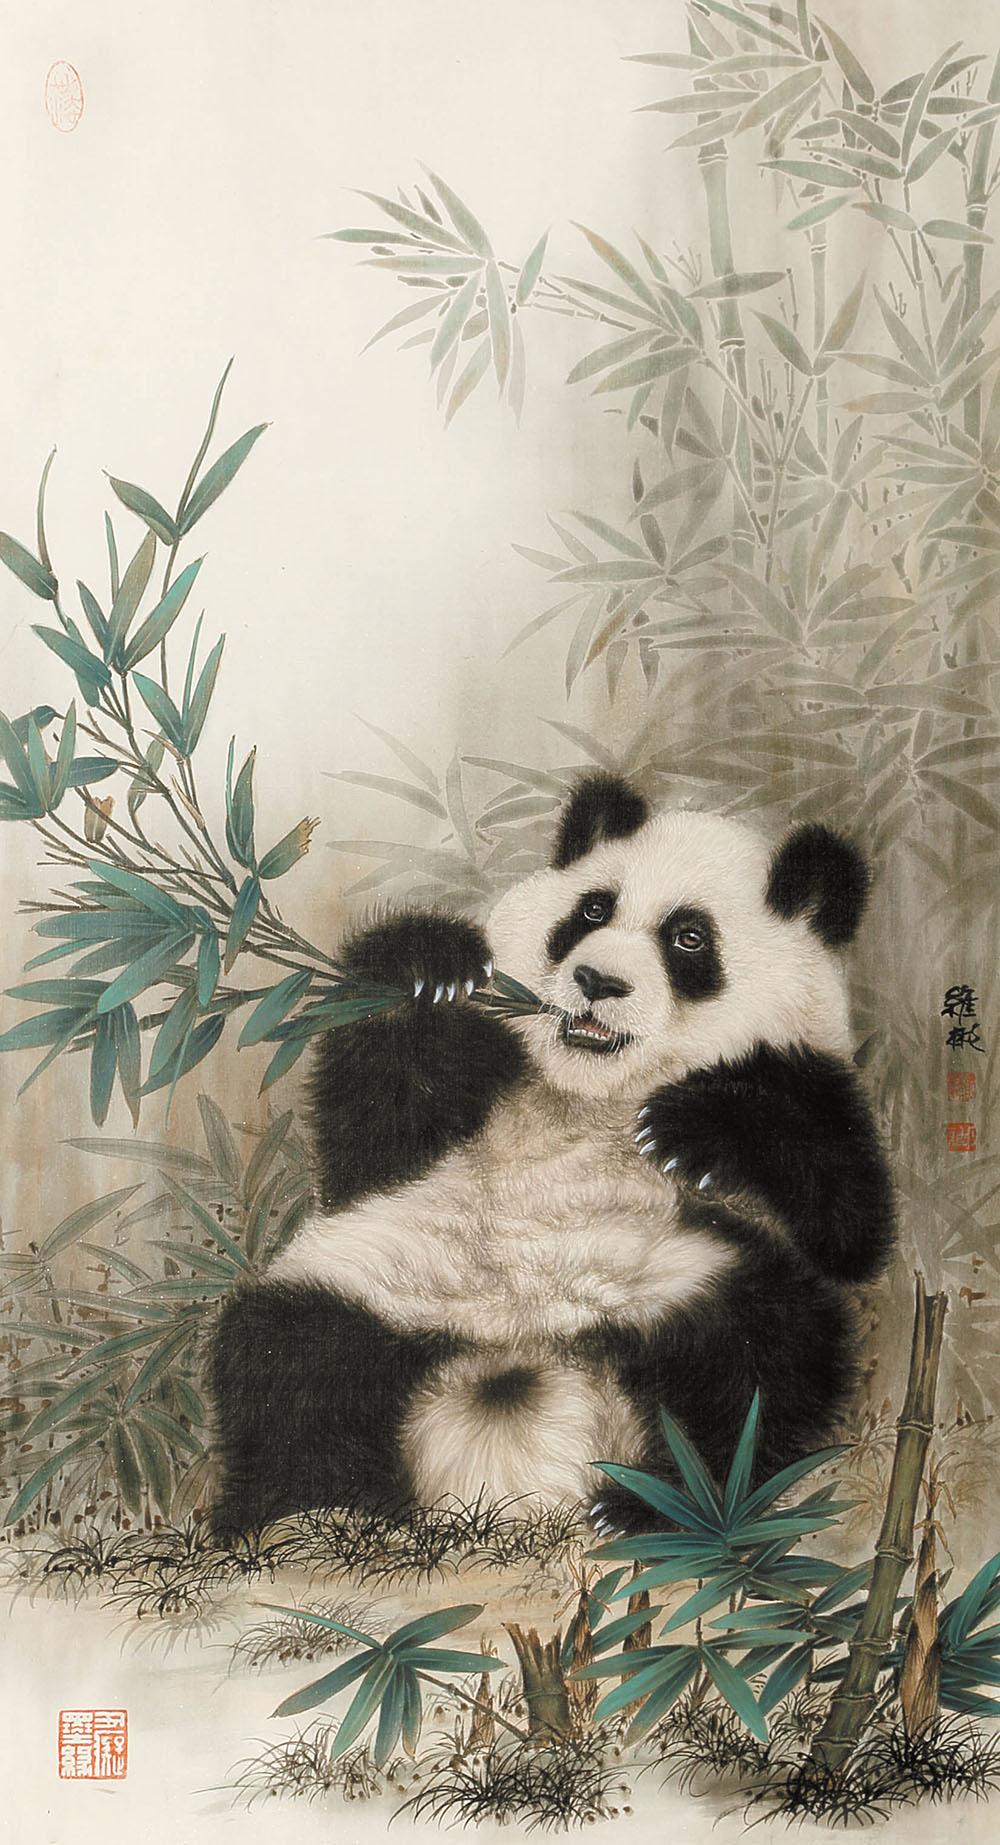 壁纸 大熊猫 动物 1000_1845 竖版 竖屏 手机